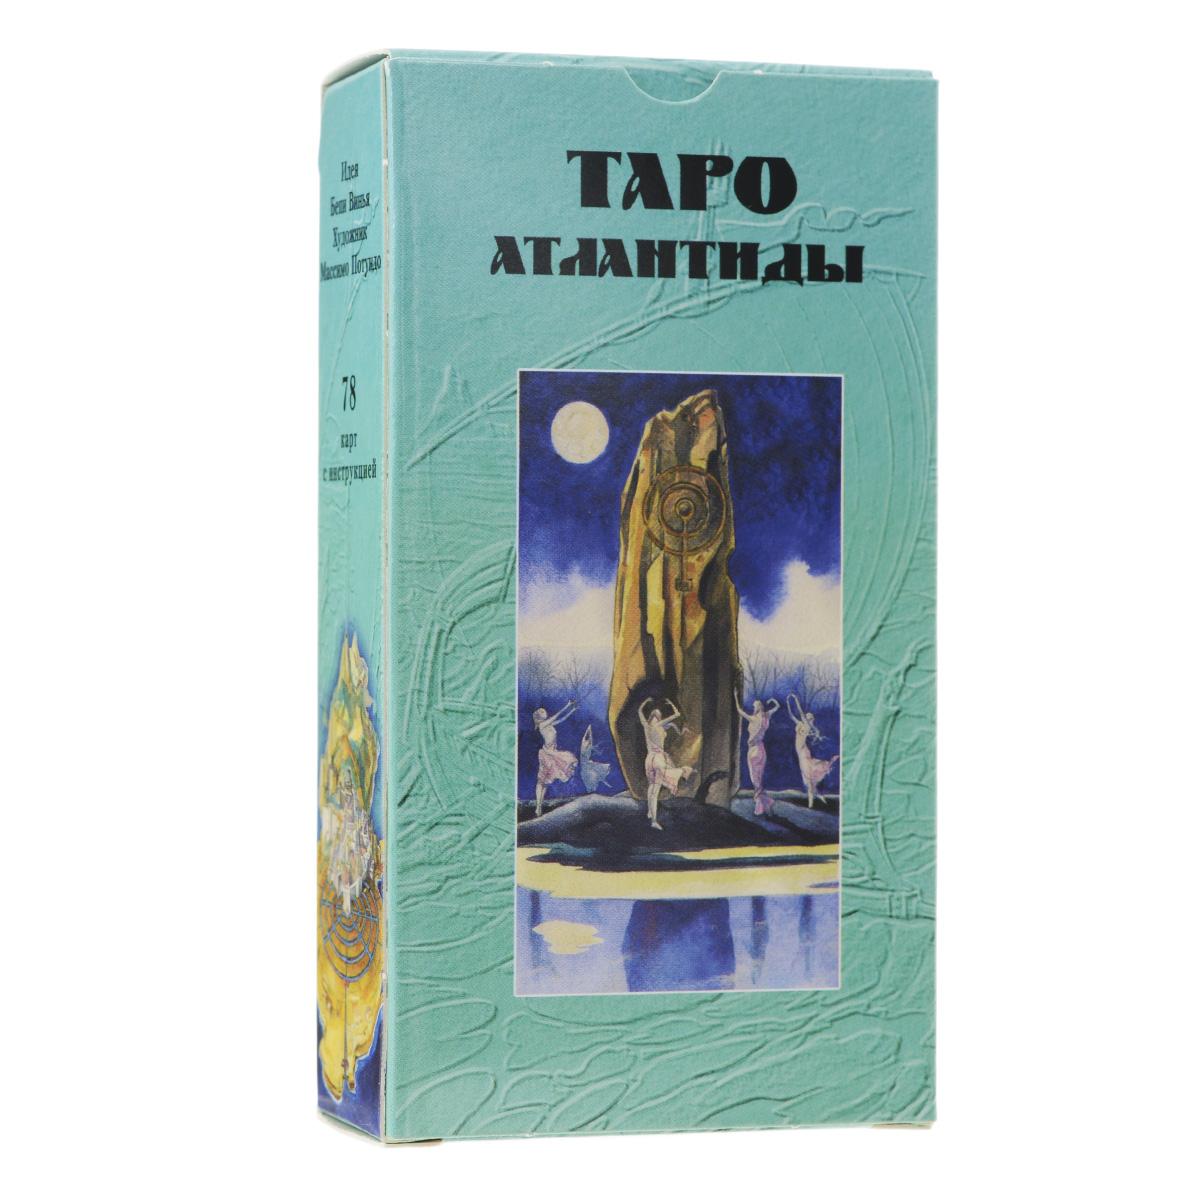 Таро Атлантиды, с инструкцией, 78 карт - Lo ScarabeoAV88Колода Таро Атлантиды состоит из 78 гадальных картонных карт и подробной инструкции на русском языке. Легендарная Атлантида - колыбель человеческой